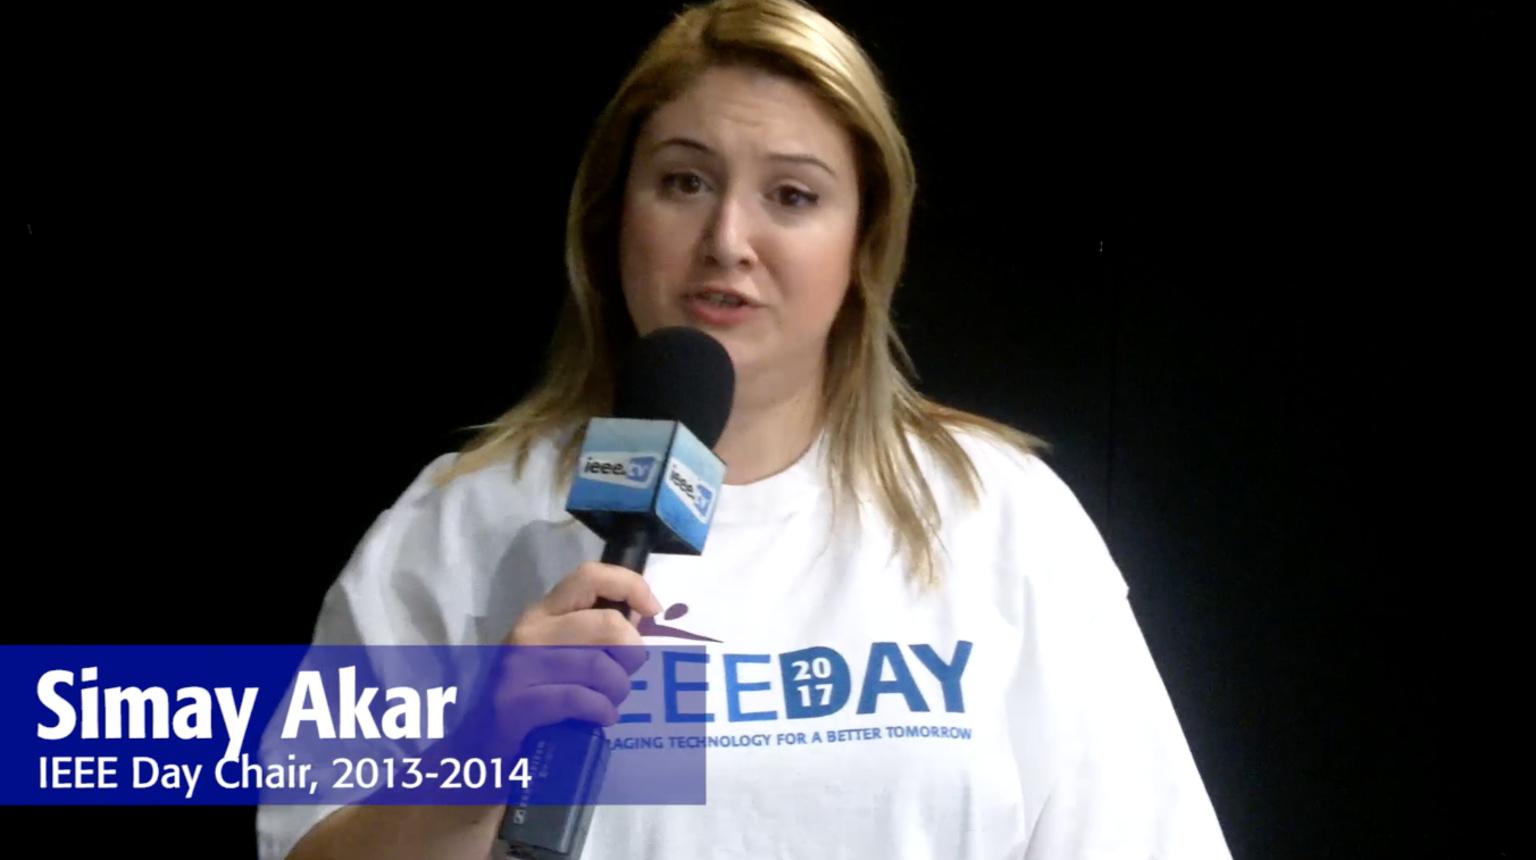 IEEE Day 2017 Testimonial: Simay Akar